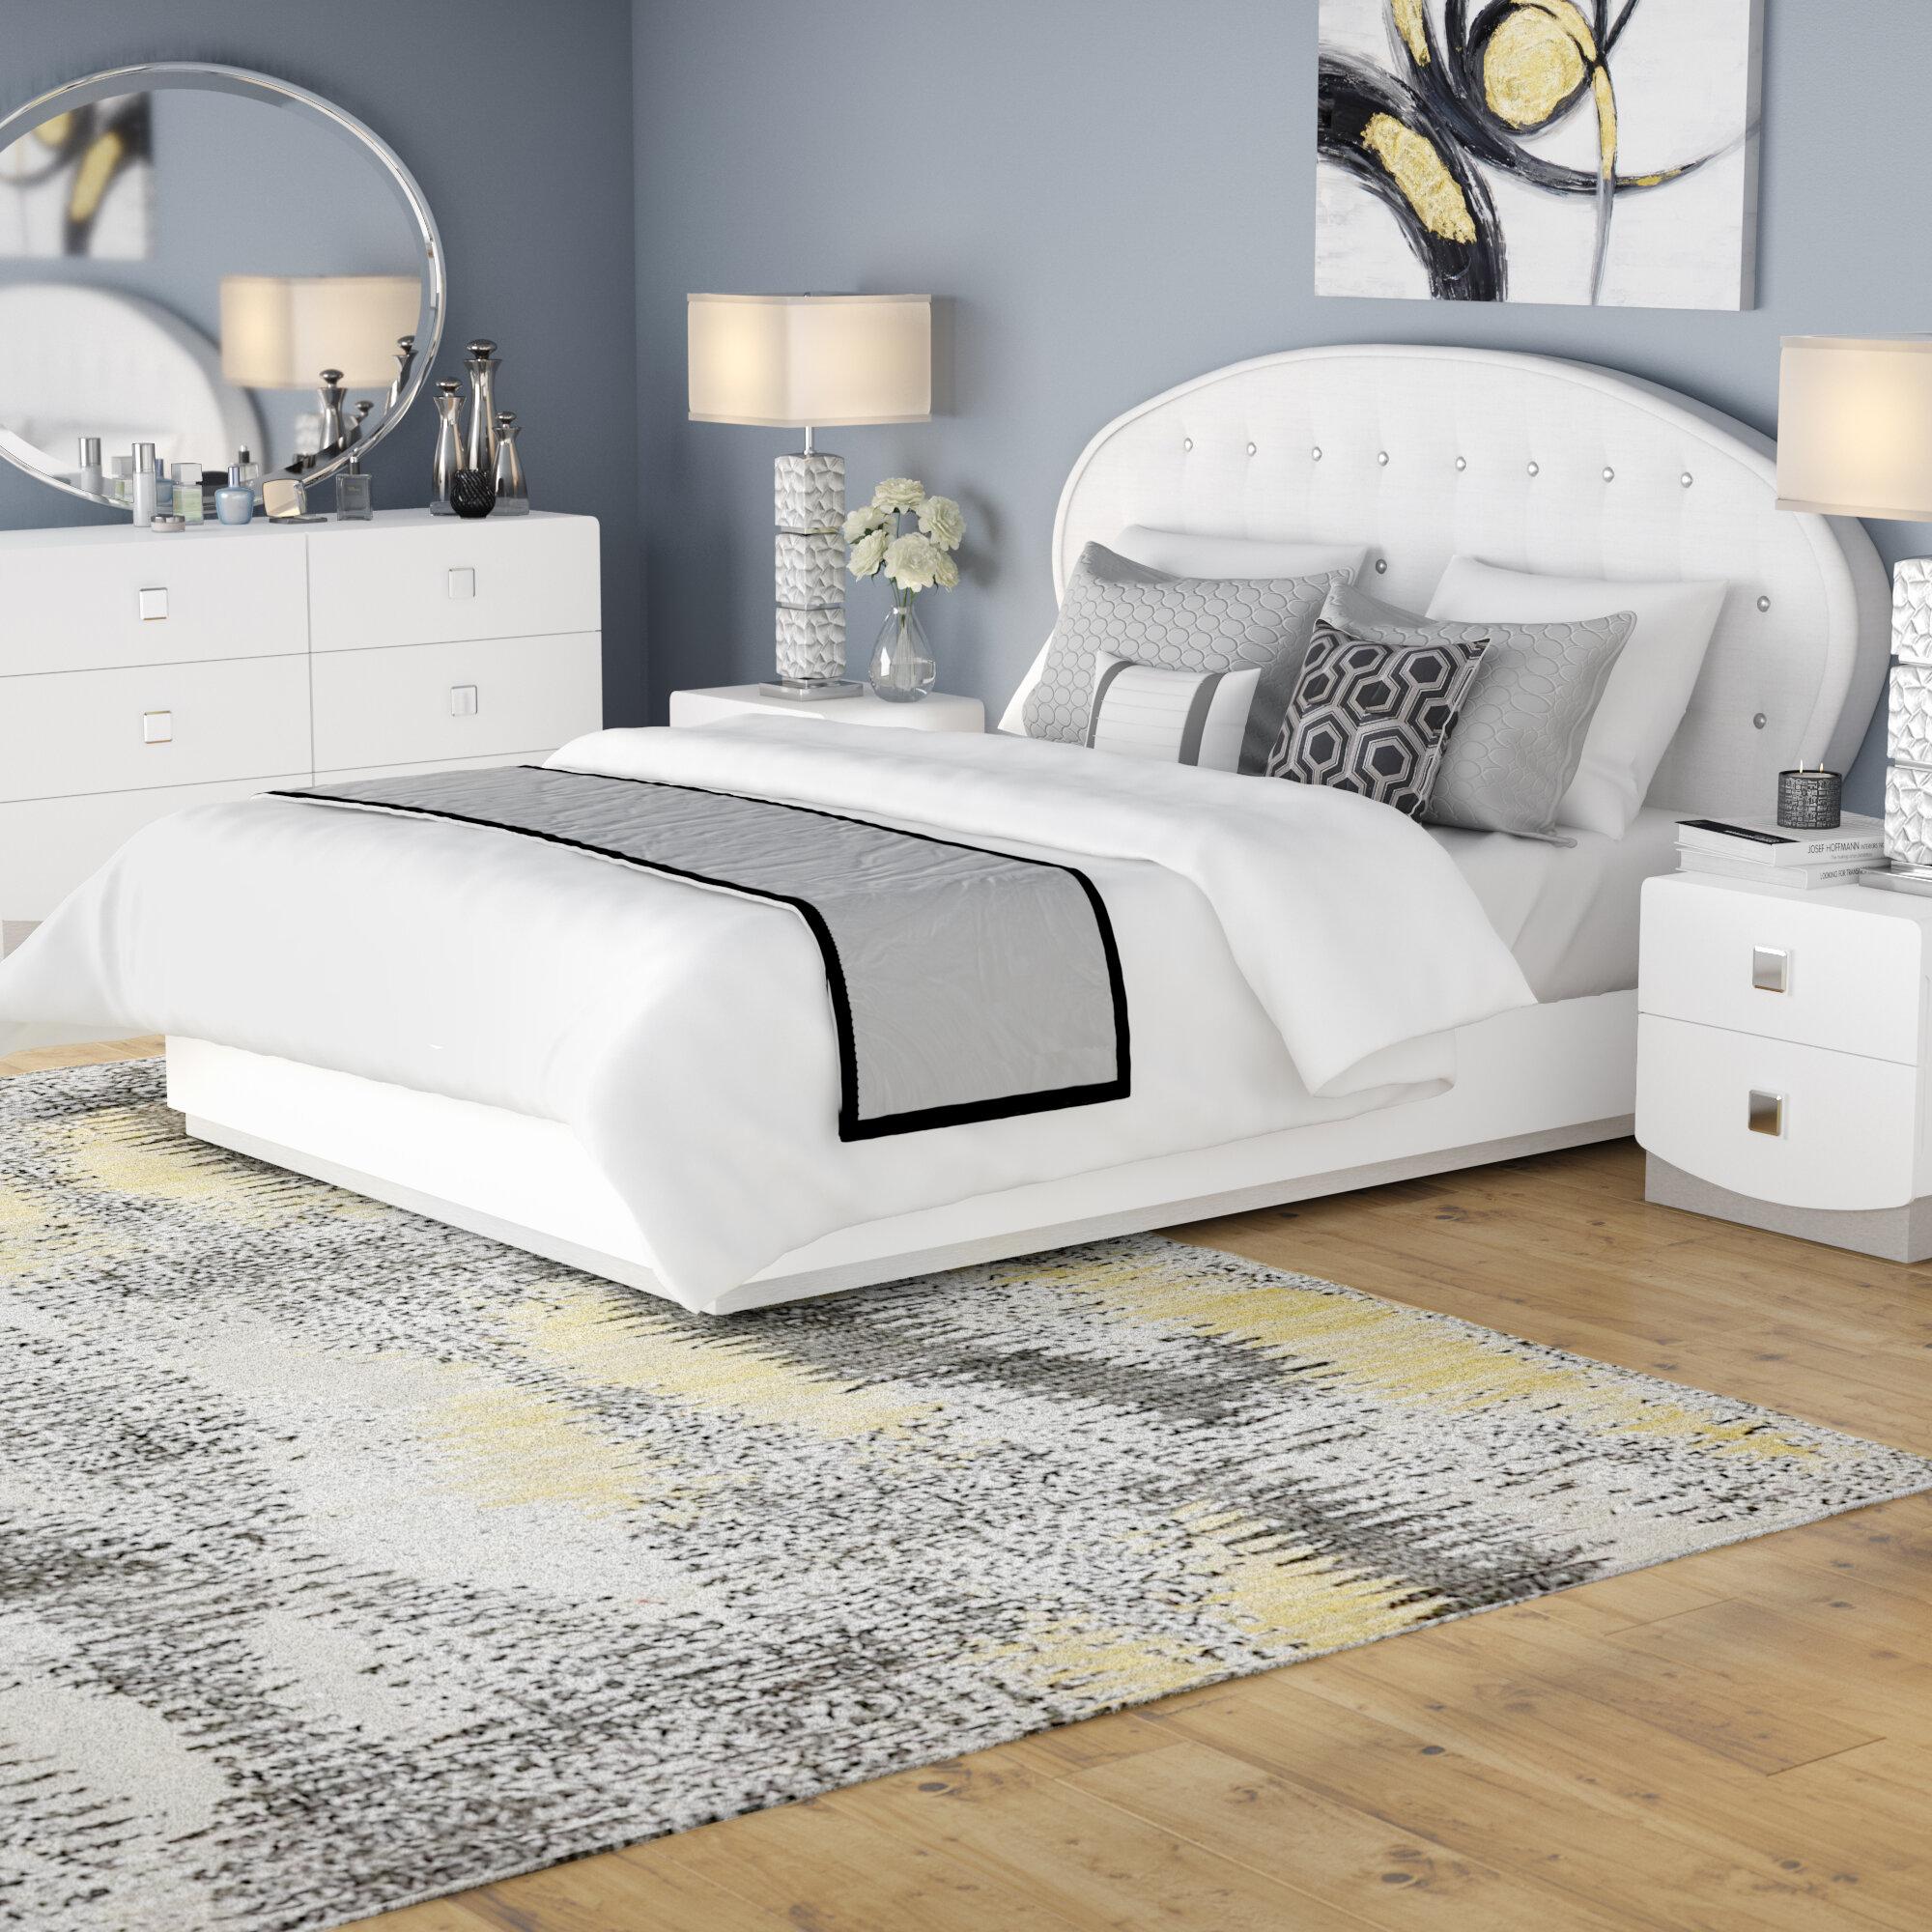 Orren Ellis Rachna Upholstered Platform 5 Piece Bedroom Set Reviews Wayfair